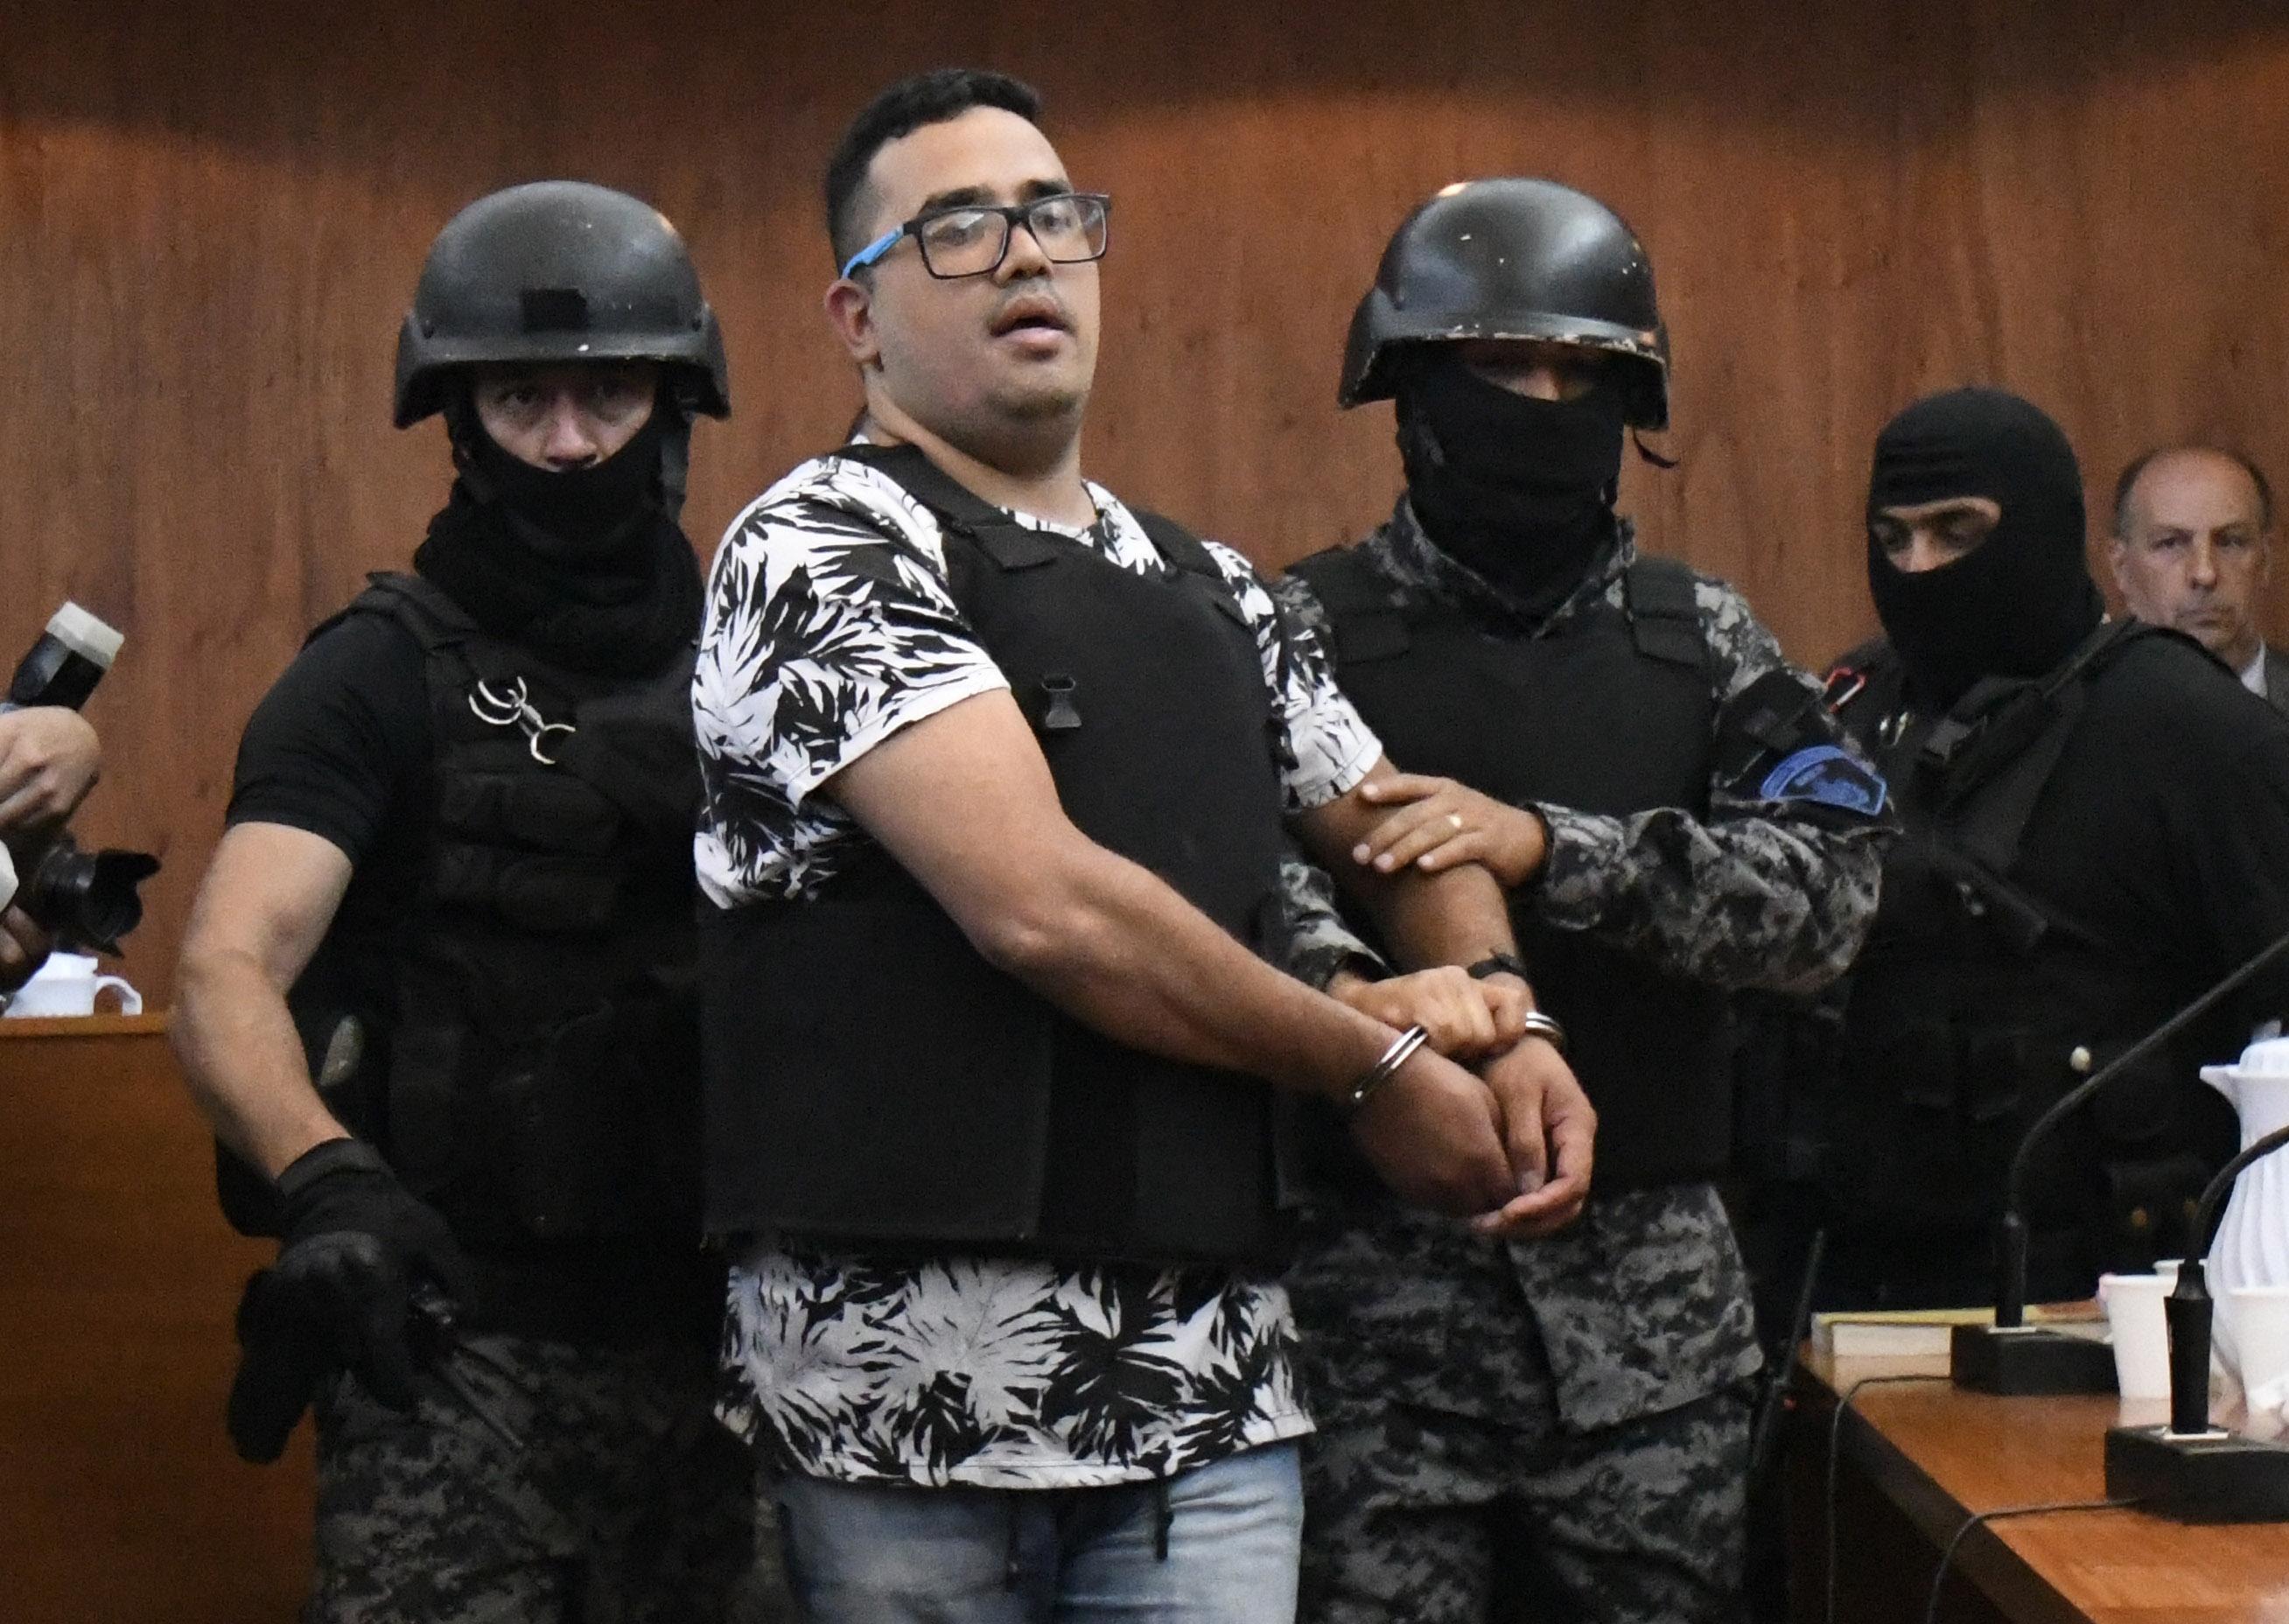 Guille Cantero podría recibir una pena de 24 años (Juan José García)